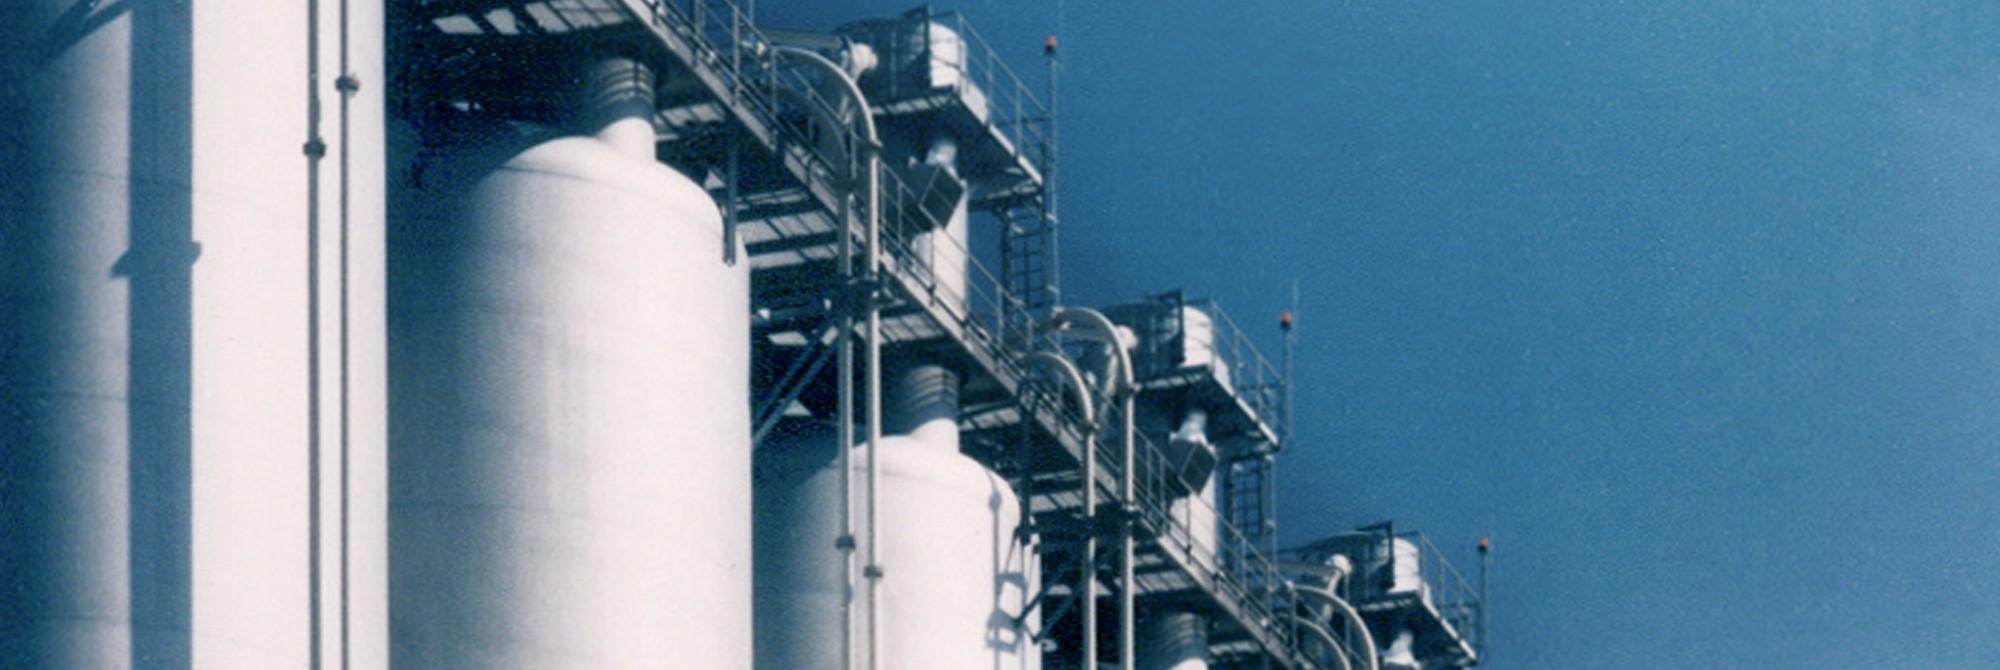 Storage silo and Bin